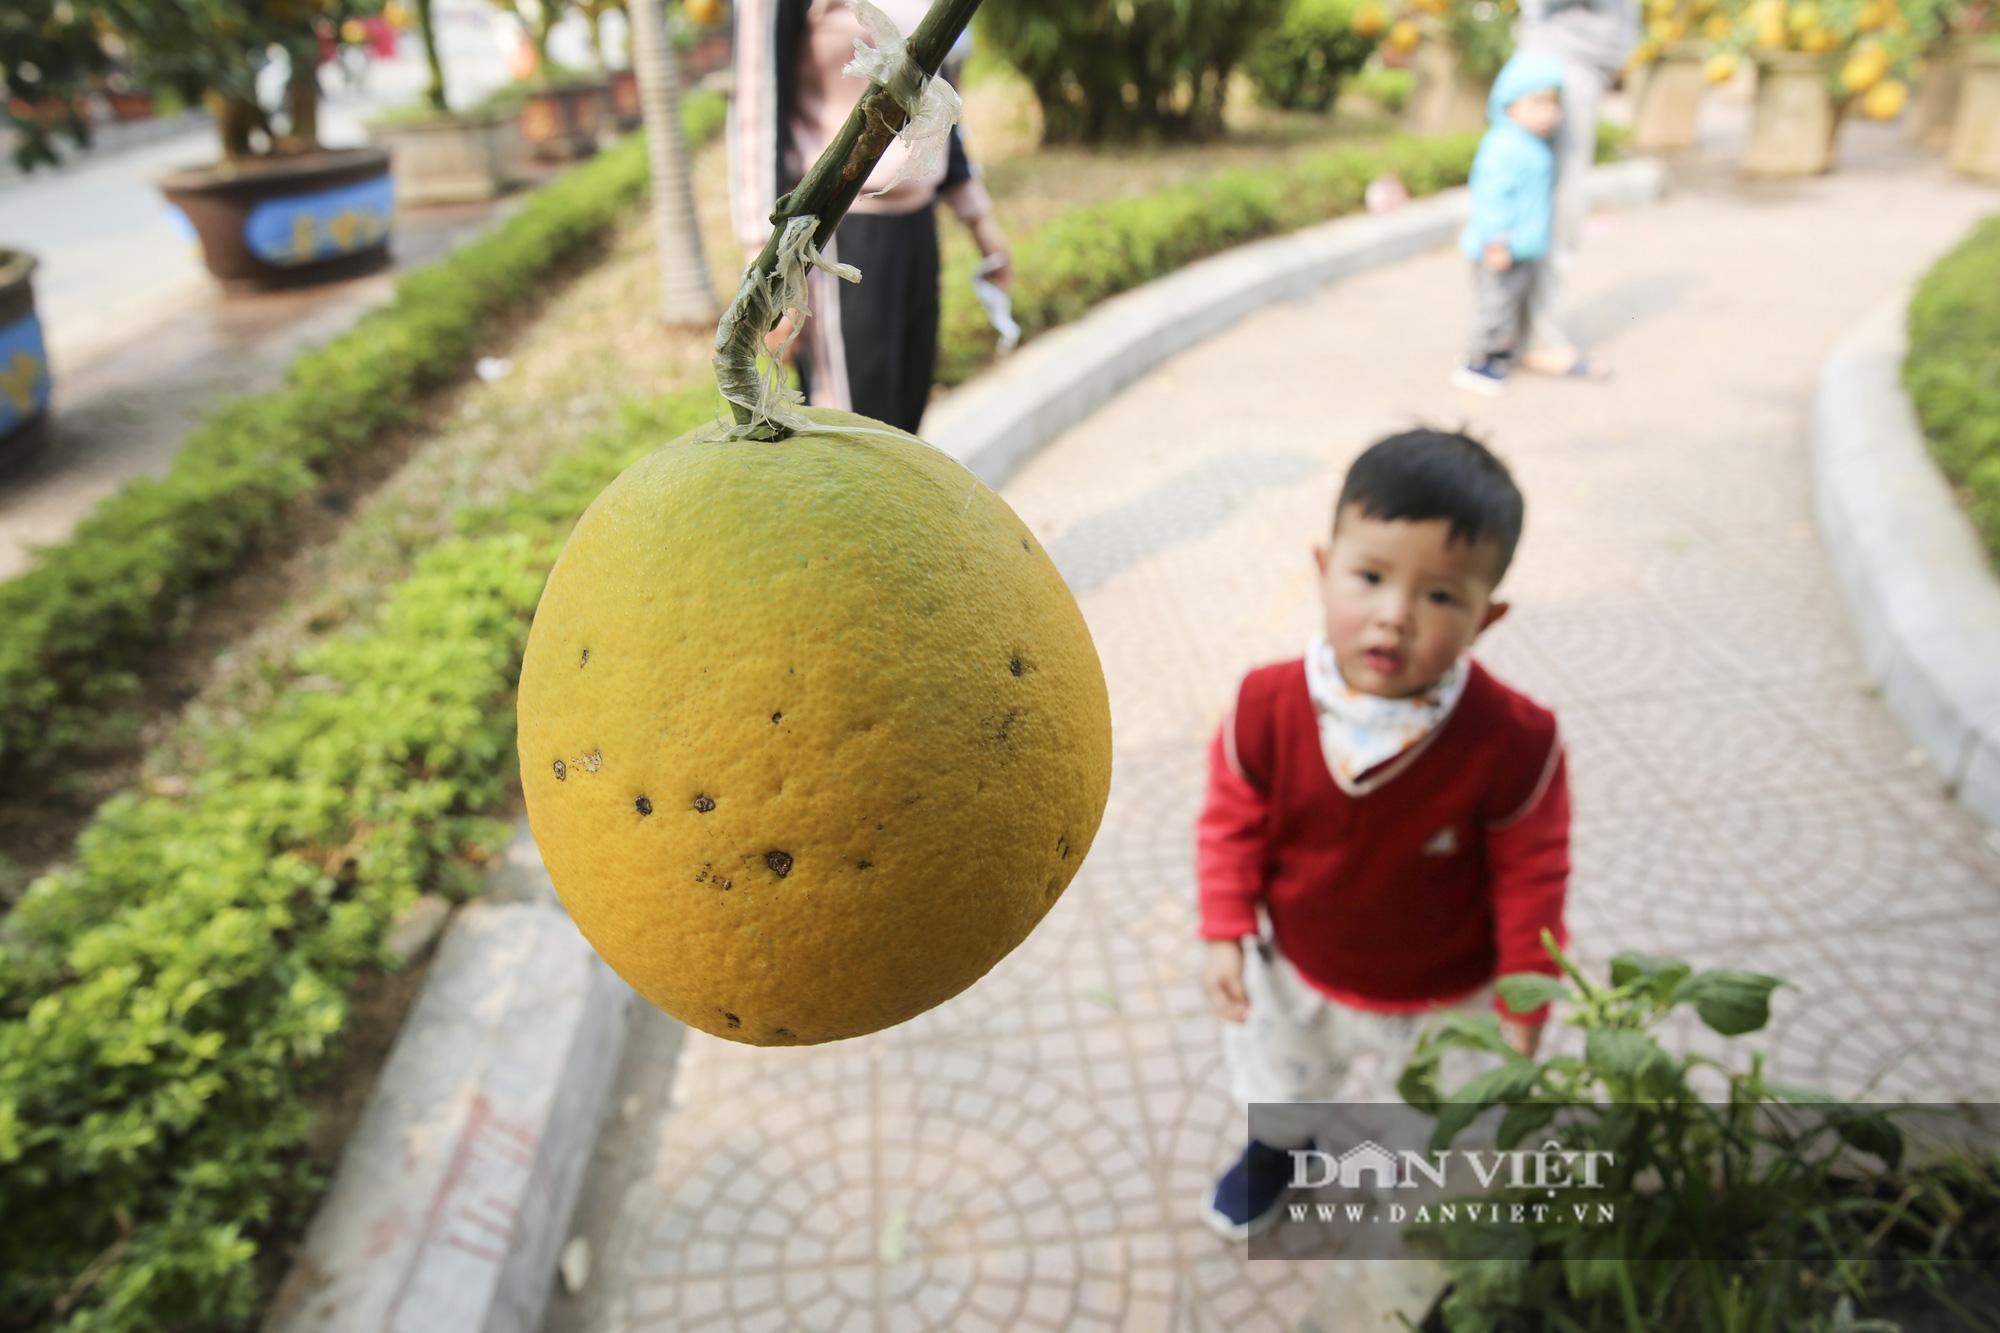 Bưởi cảnh trĩu quả giá chục triệu xuất hiện tại đường phố Hà Nội - Ảnh 8.